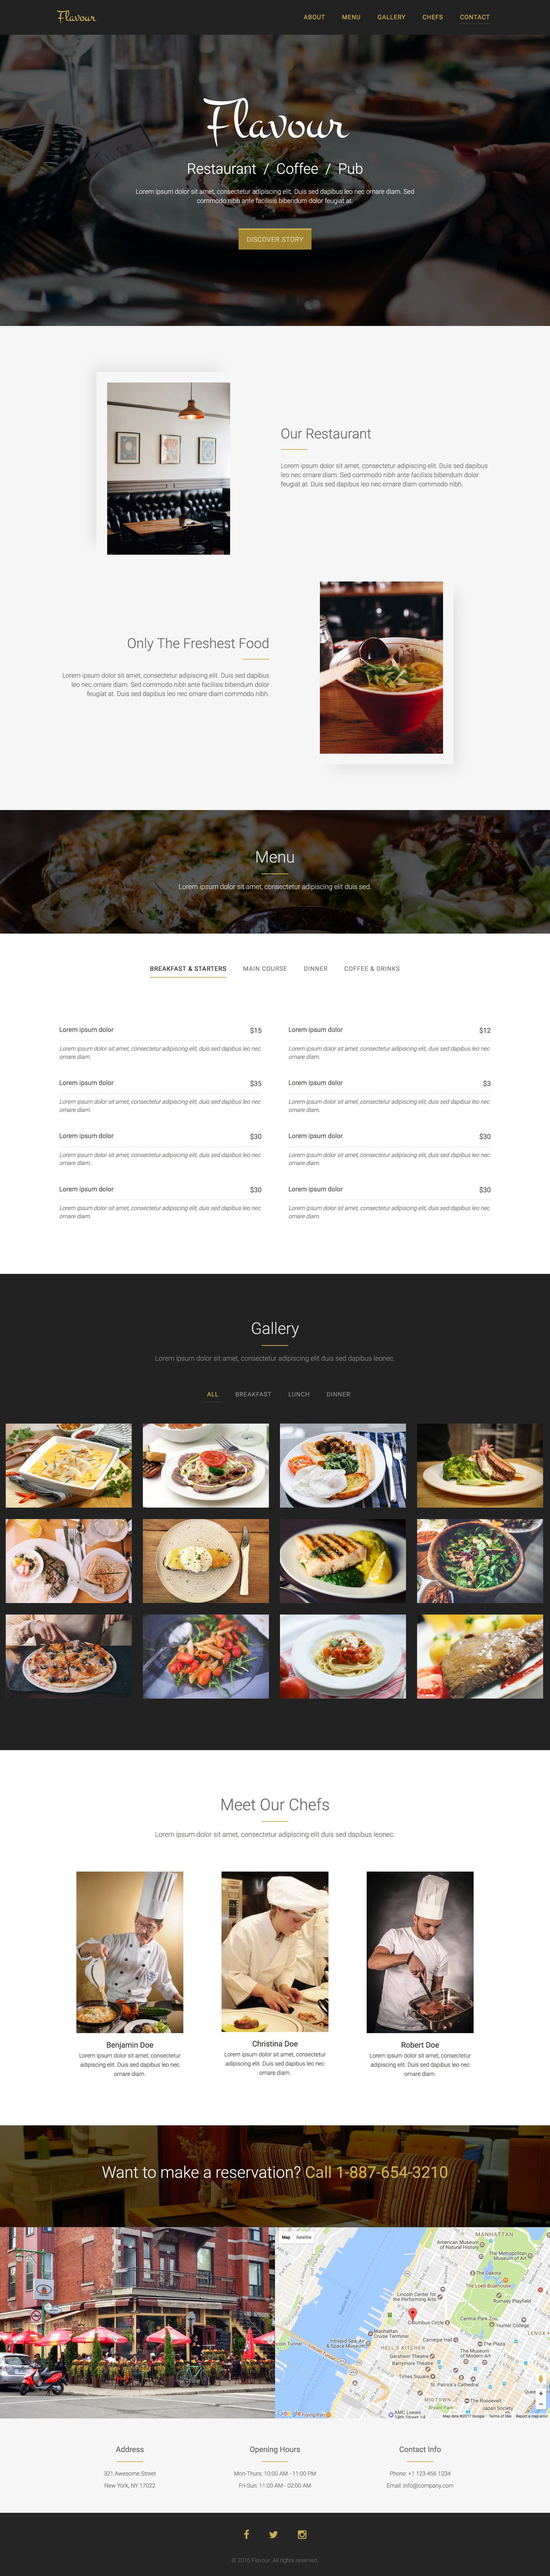 Flavour Website Screenshot